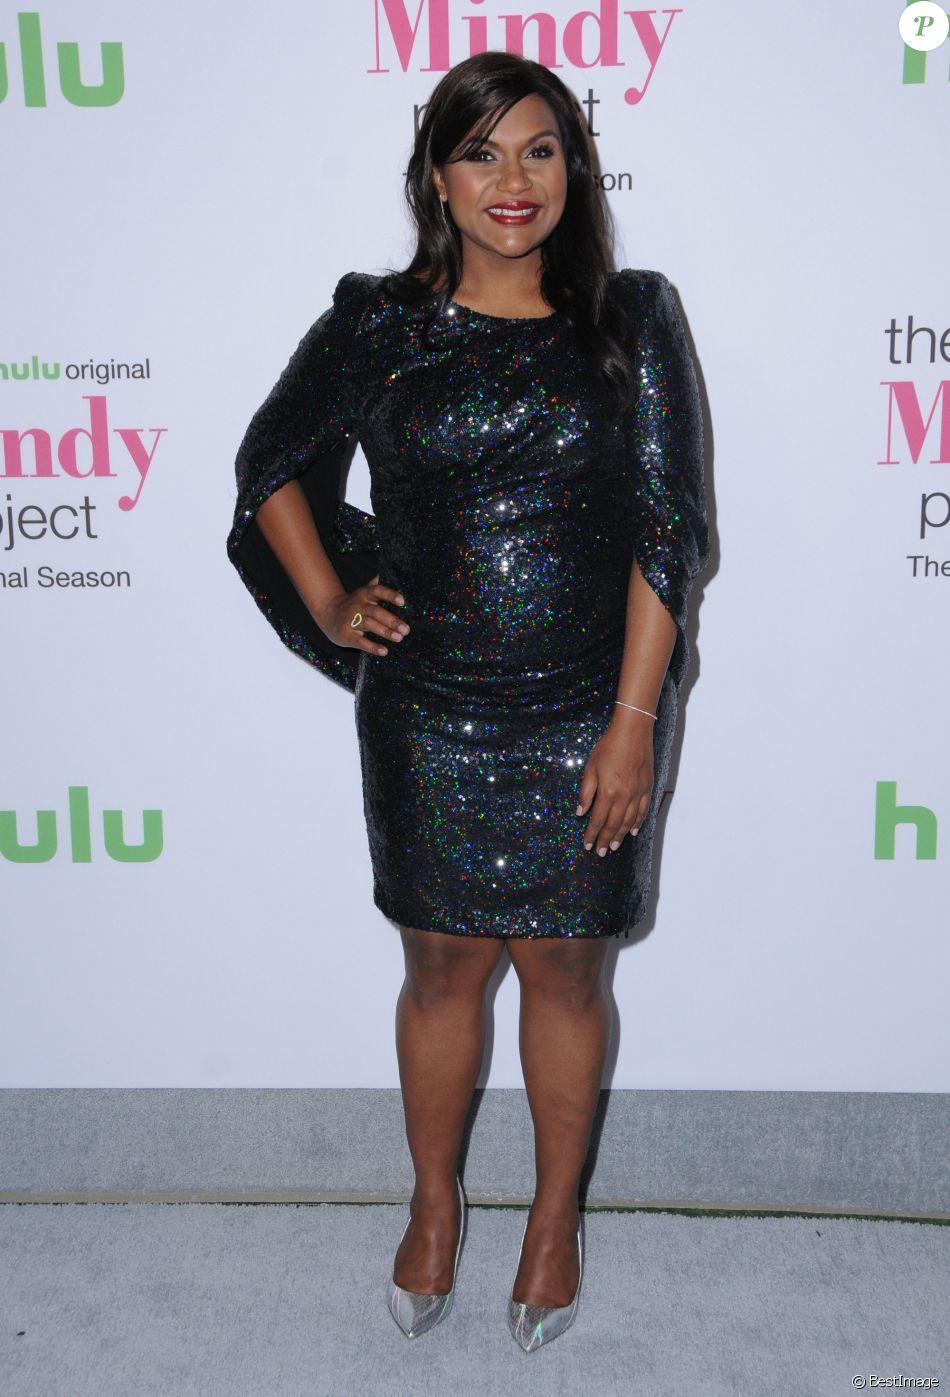 """Mindy Kaling à la première de """"The Mindy Project - Final Season"""" à Los Angeles, le 12 septembre 2017."""